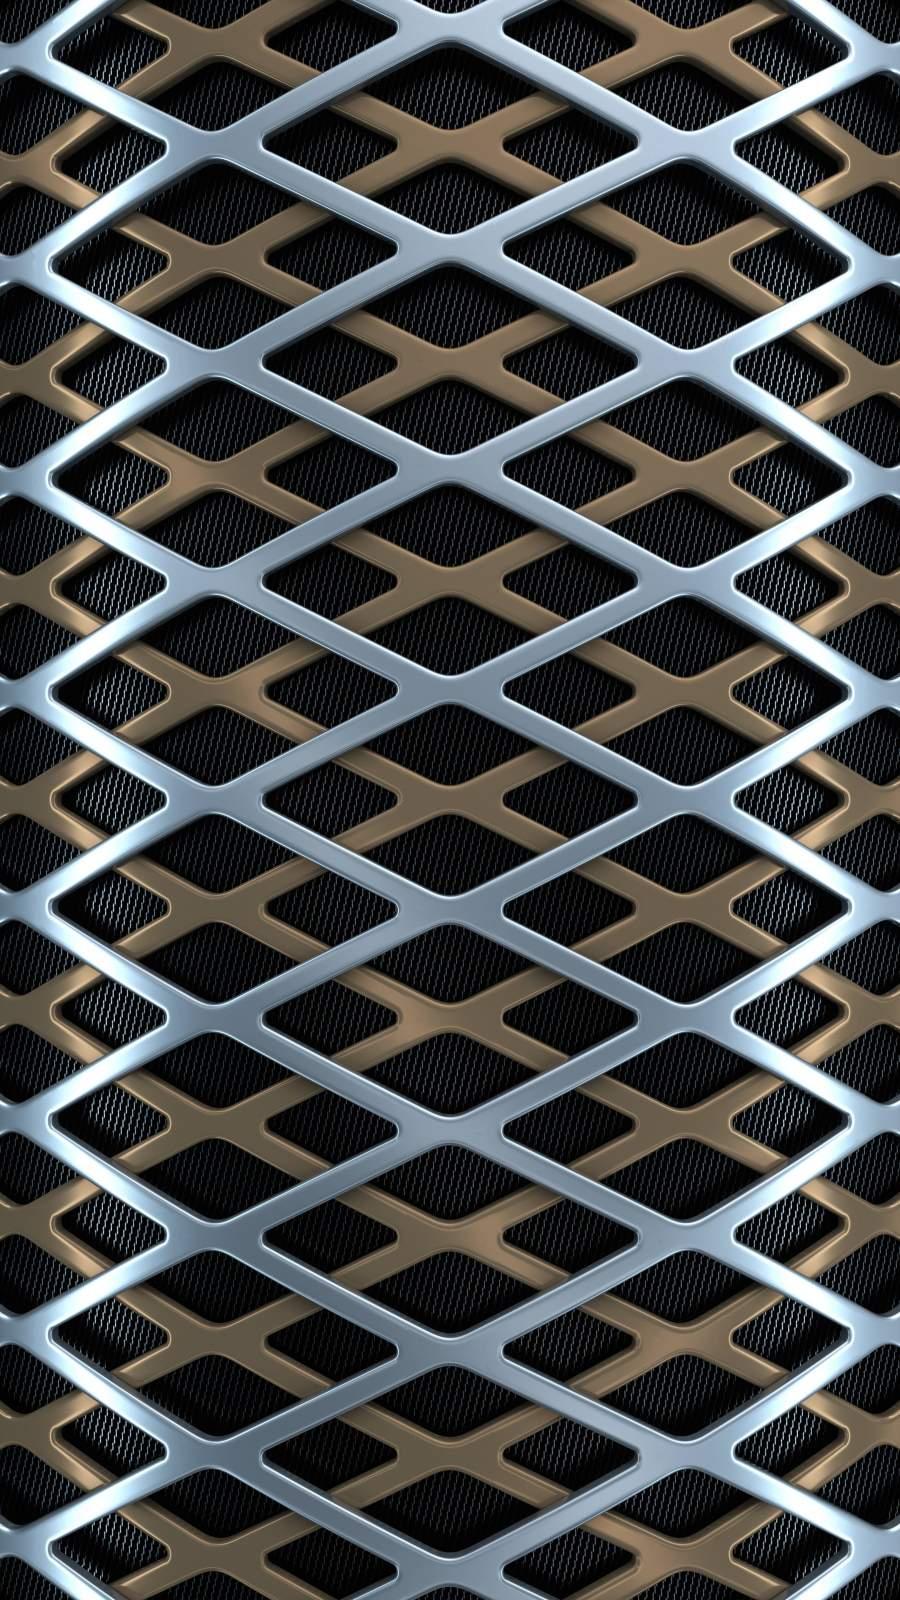 Metalic Texture iPhone Wallpaper